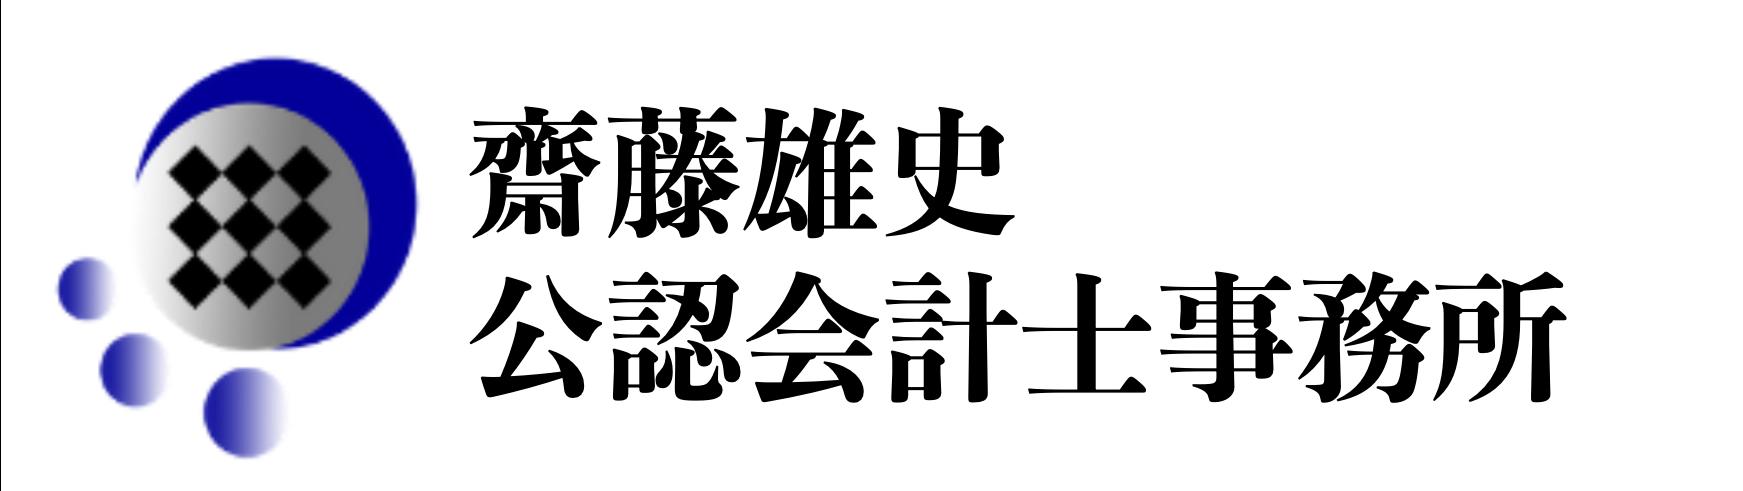 創業融資に強い会計事務所なら|齋藤雄史公認会計士事務所